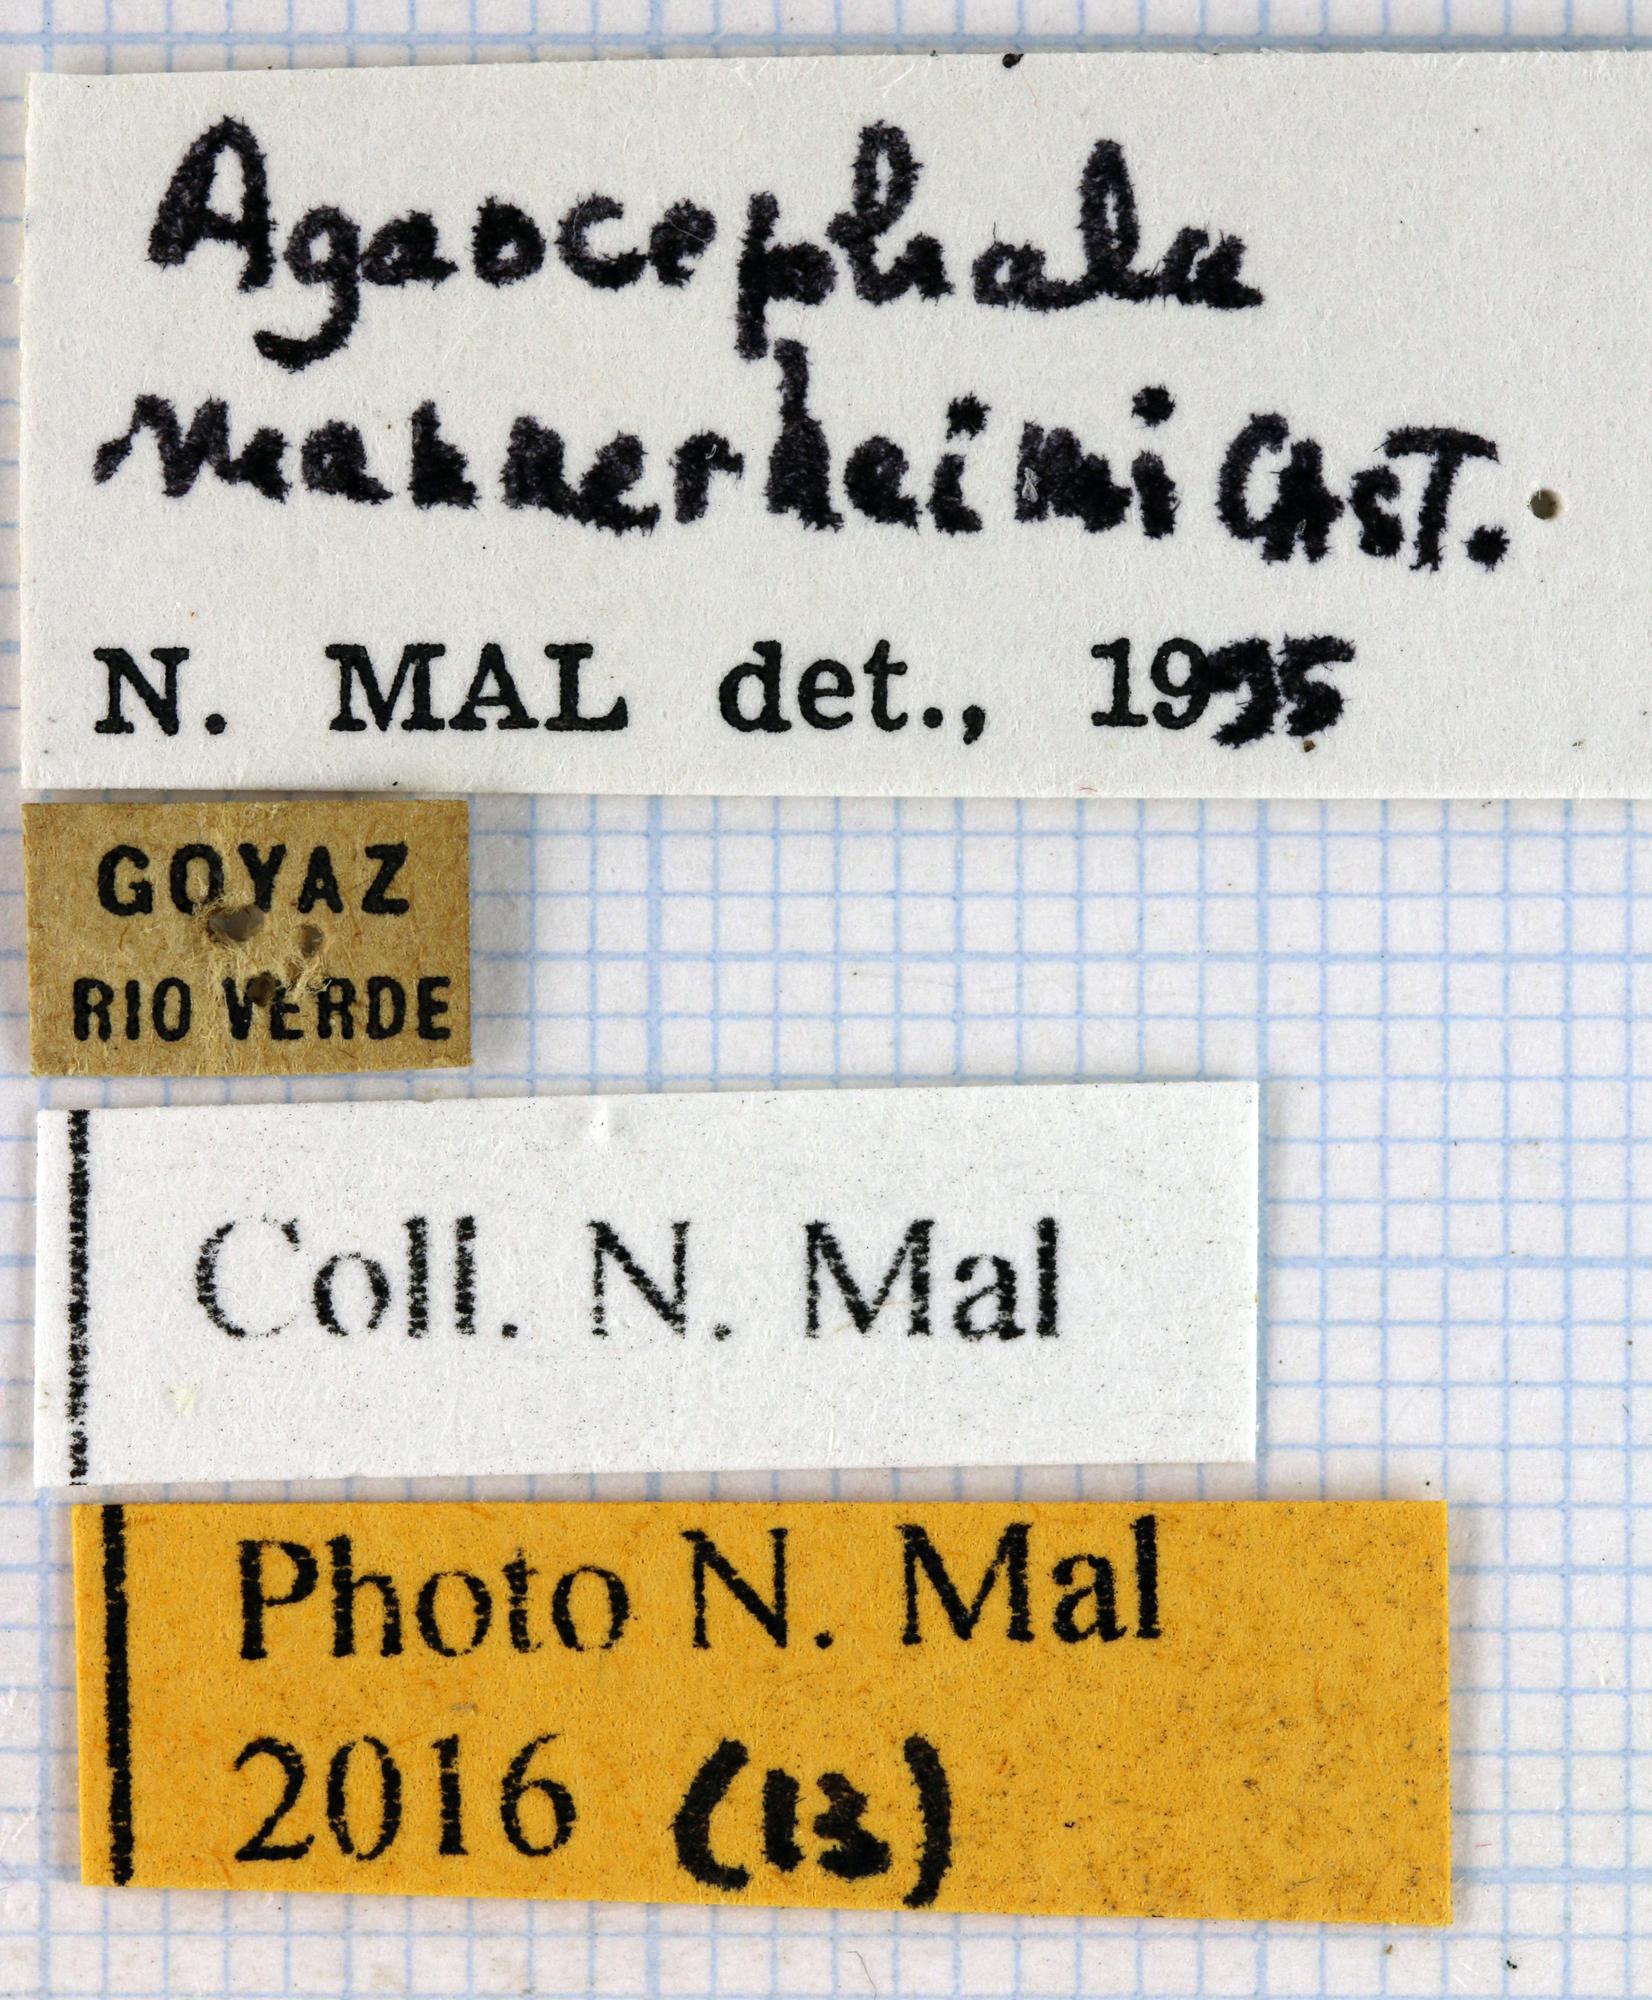 Agaocephala mannerheimi label 66657.jpg